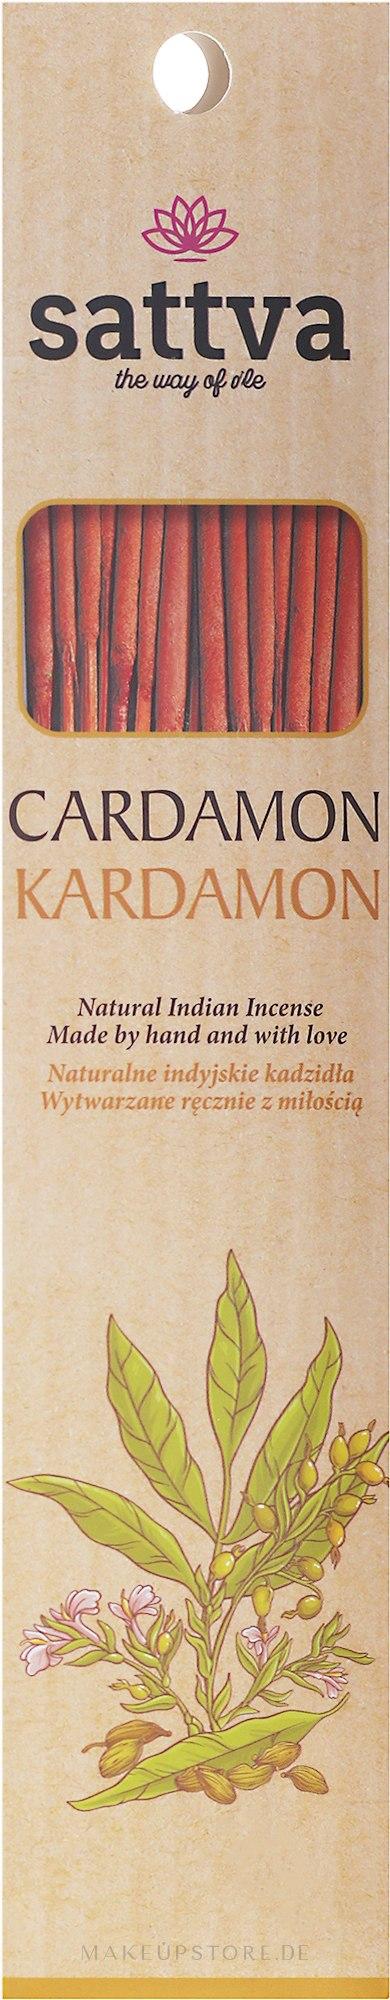 Räucherstäbchen Kardamon - Sattva Kardamon Incense Sticks — Bild 15 St..